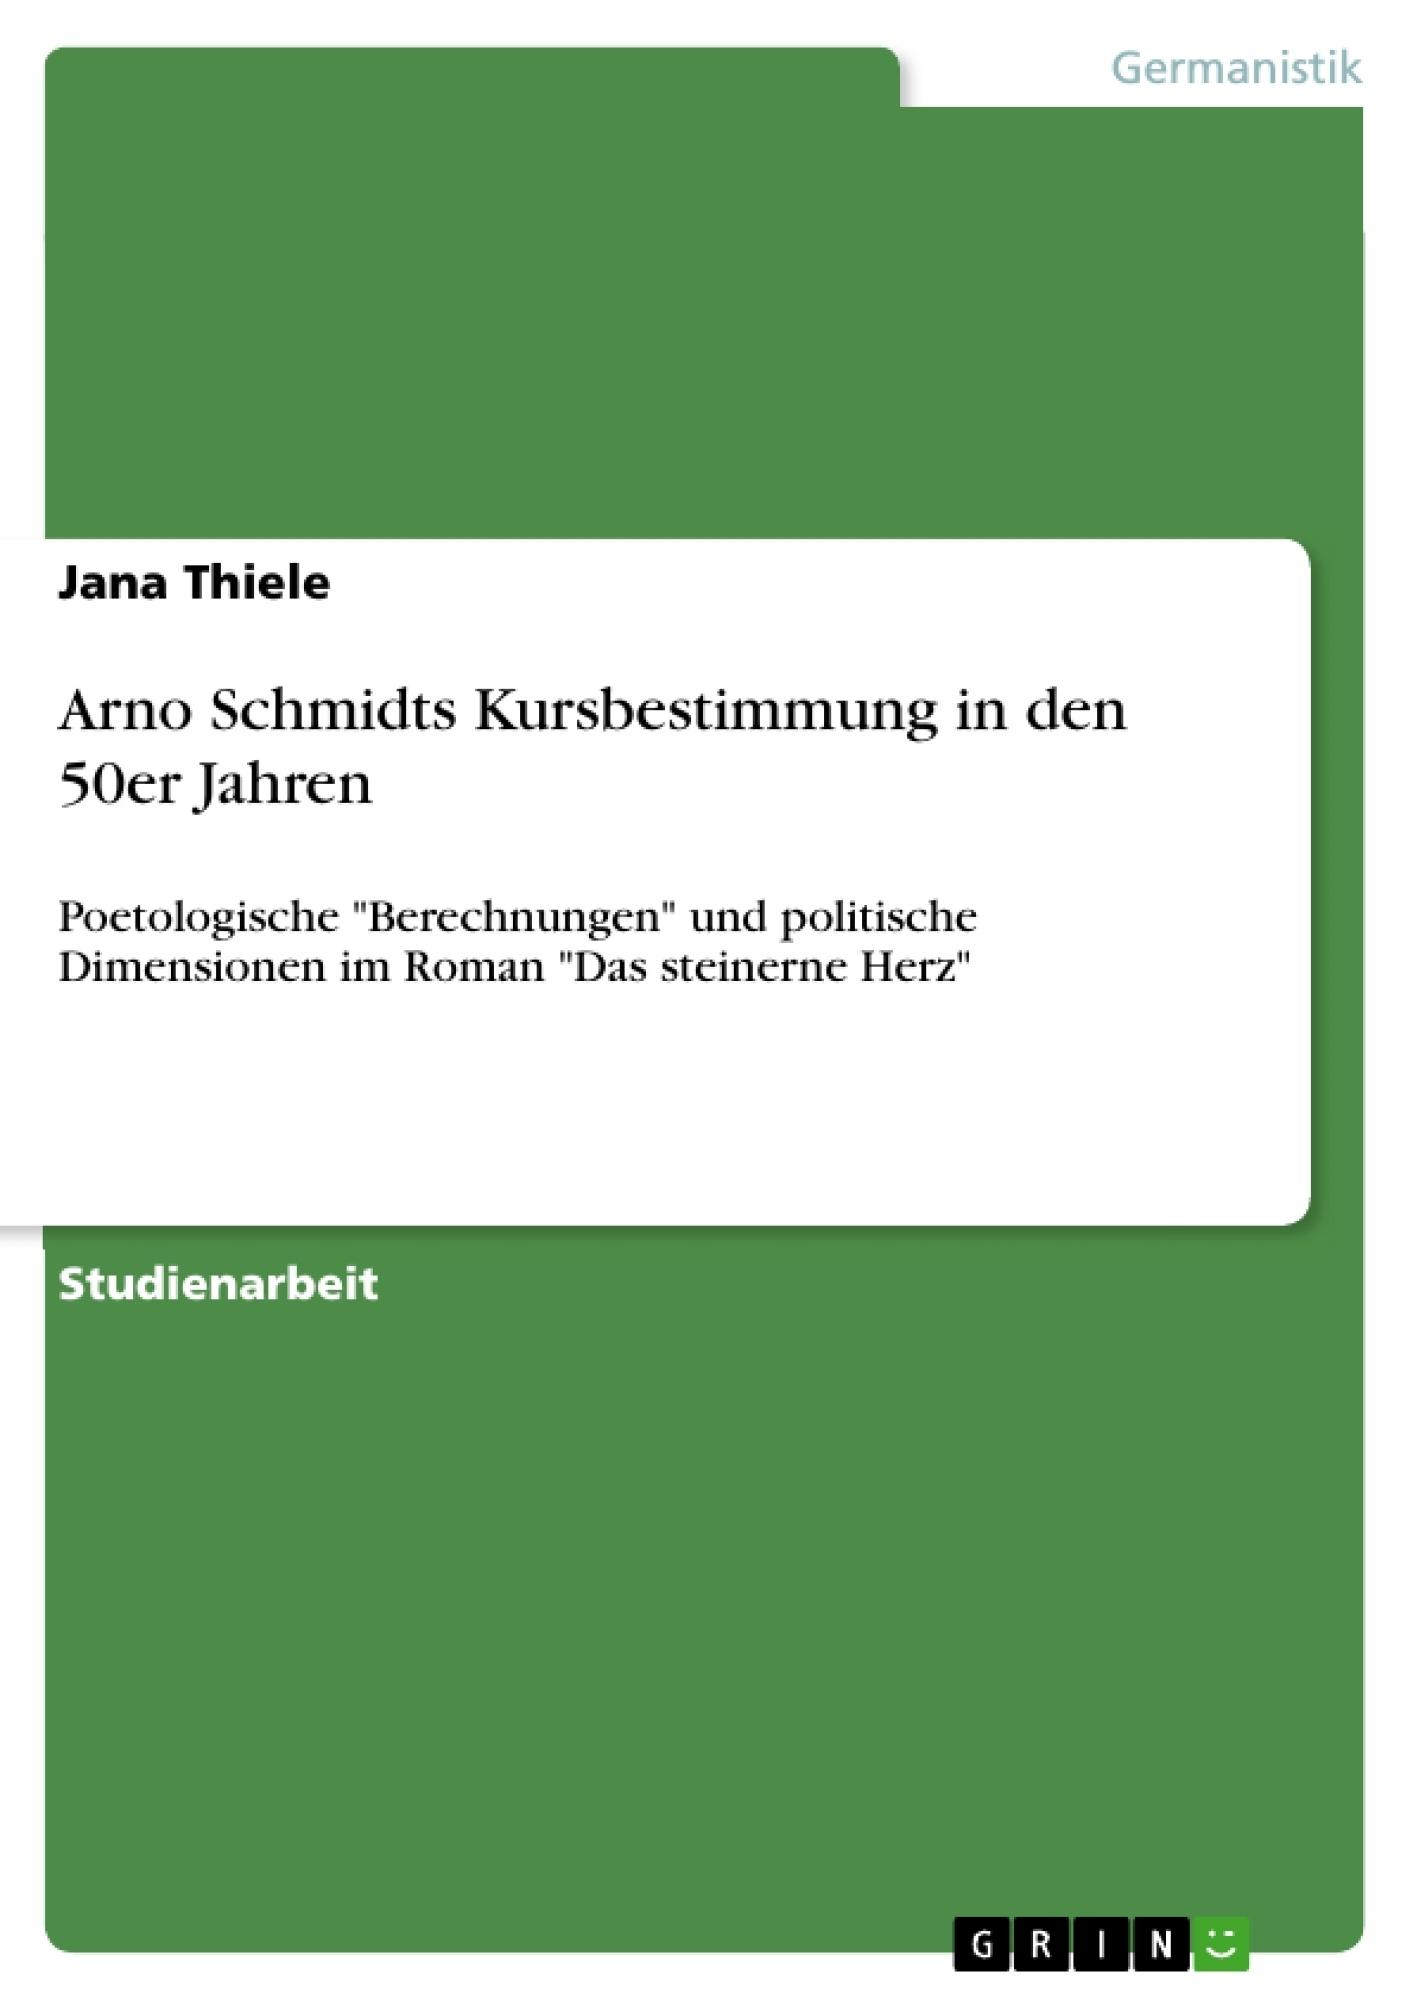 Titel: Arno Schmidts Kursbestimmung in den 50er Jahren